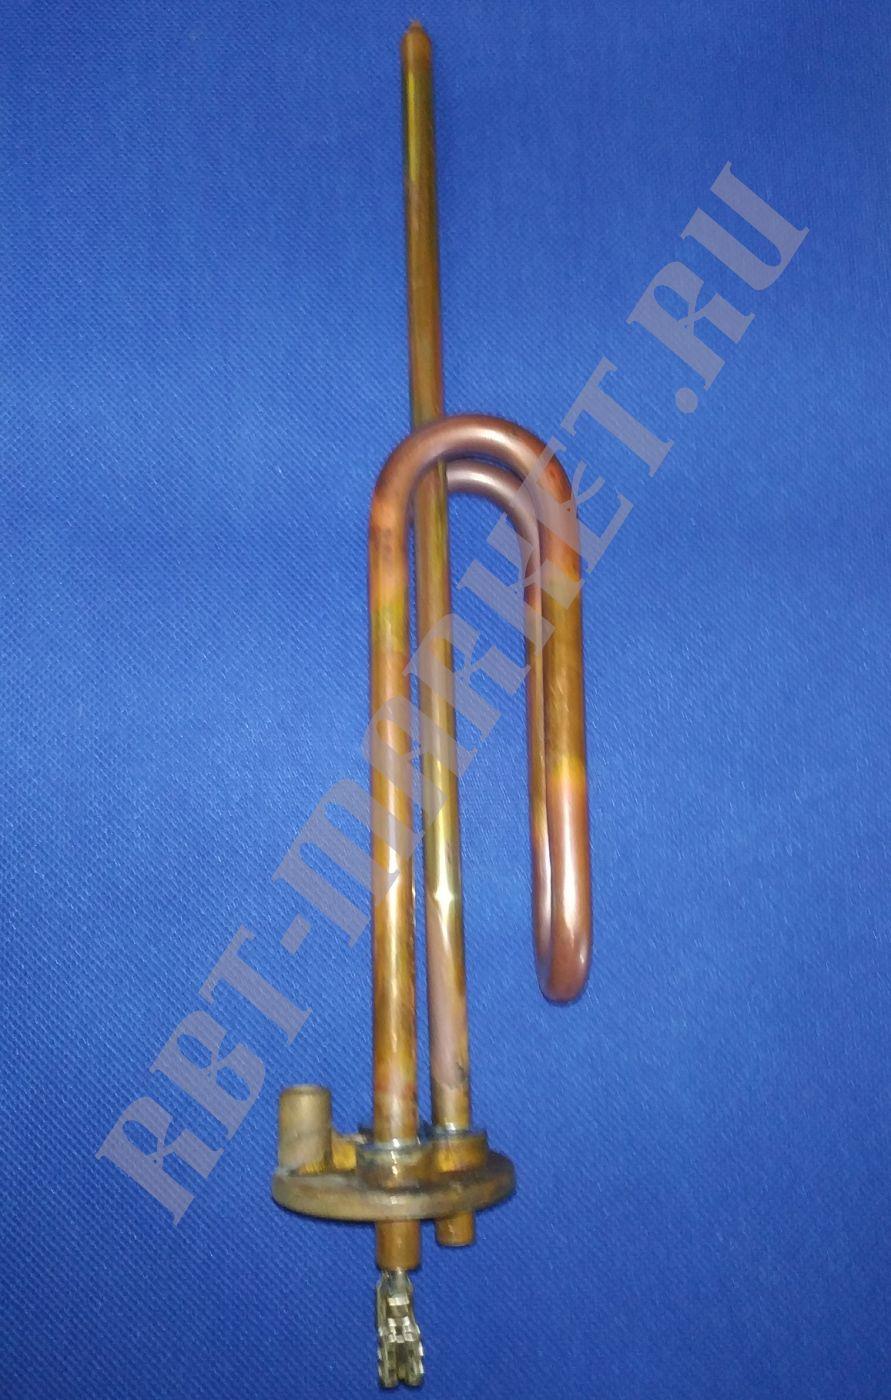 ТЭН для водонагревателя (бойлера) THERMEX 1.5 КВТ